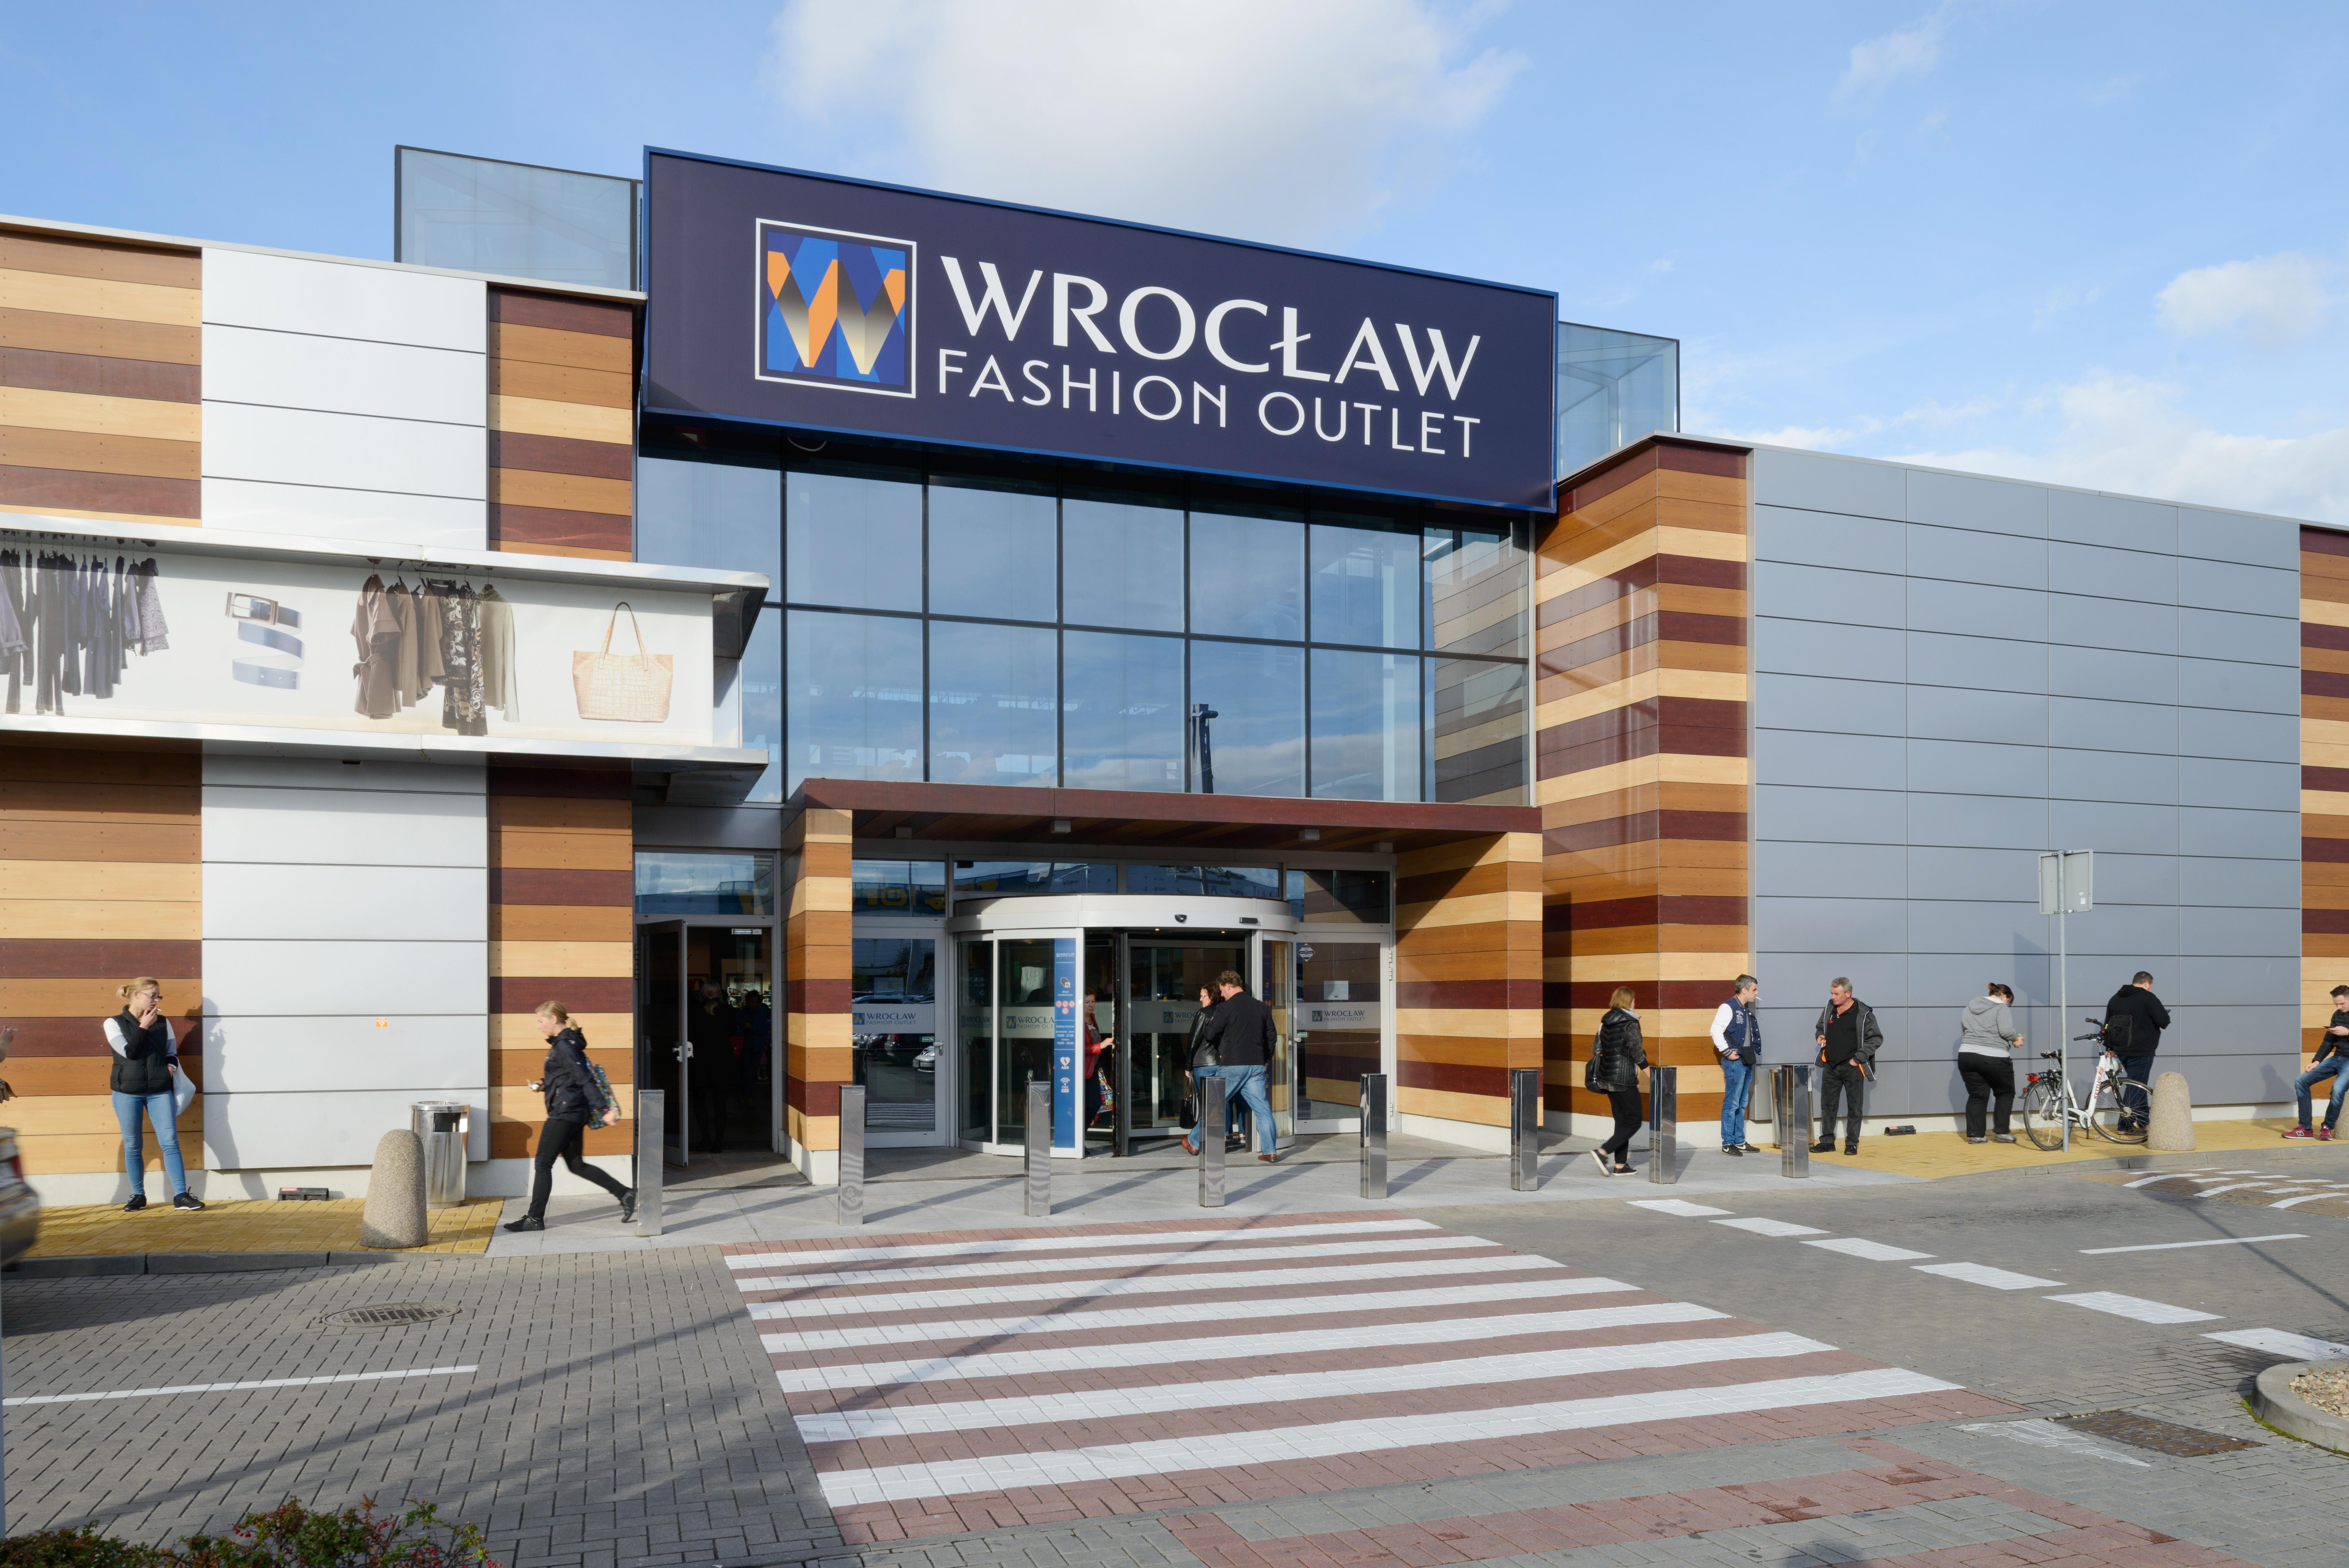 992e98b763296 Wrocław Fashion Outlet. +2 zdjęć